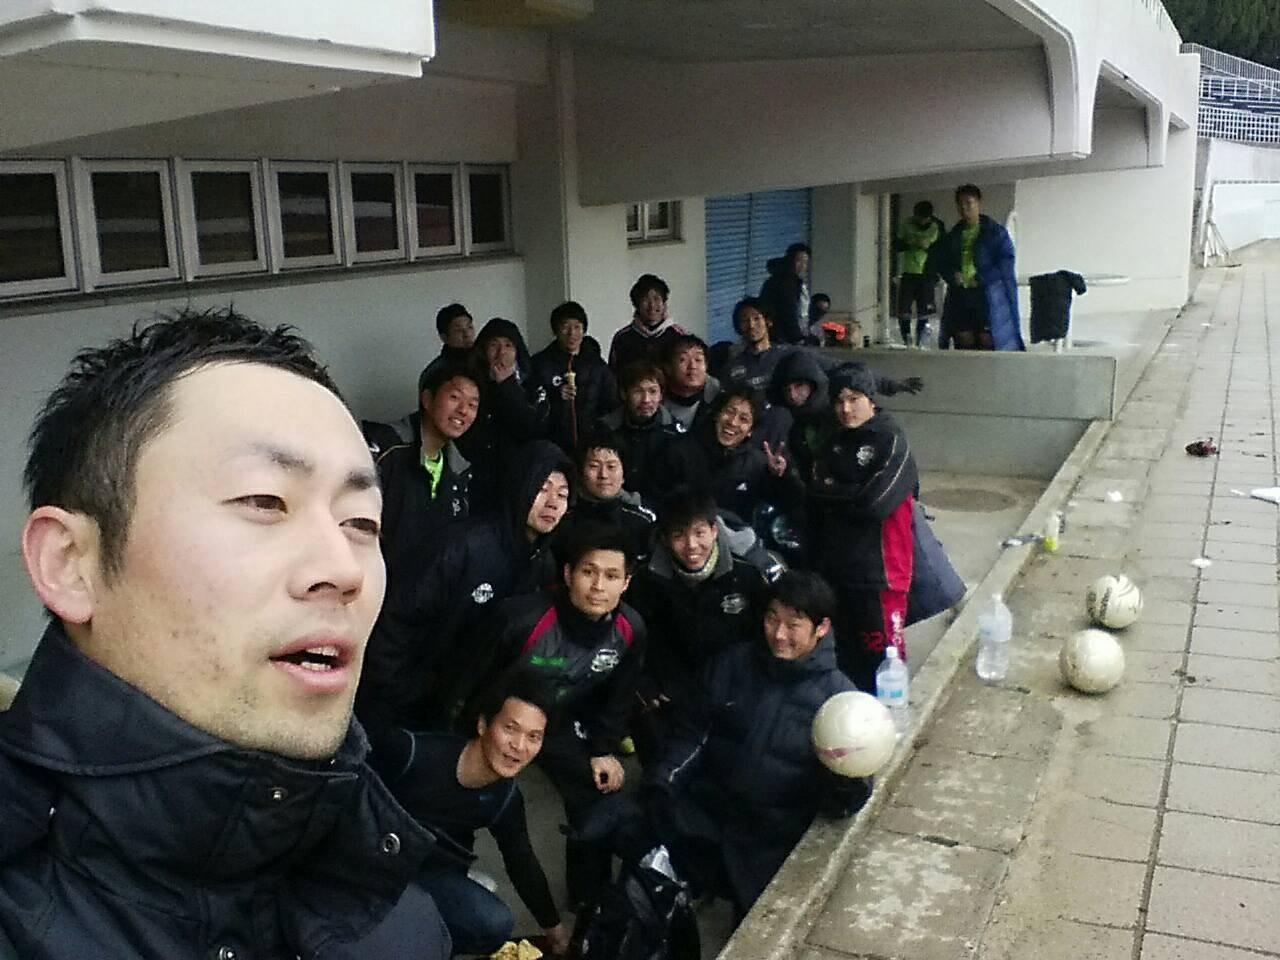 2014/12/28 服部緑地陸上競技場(天然芝) vs FC.GORIRU13  vs LIPTON